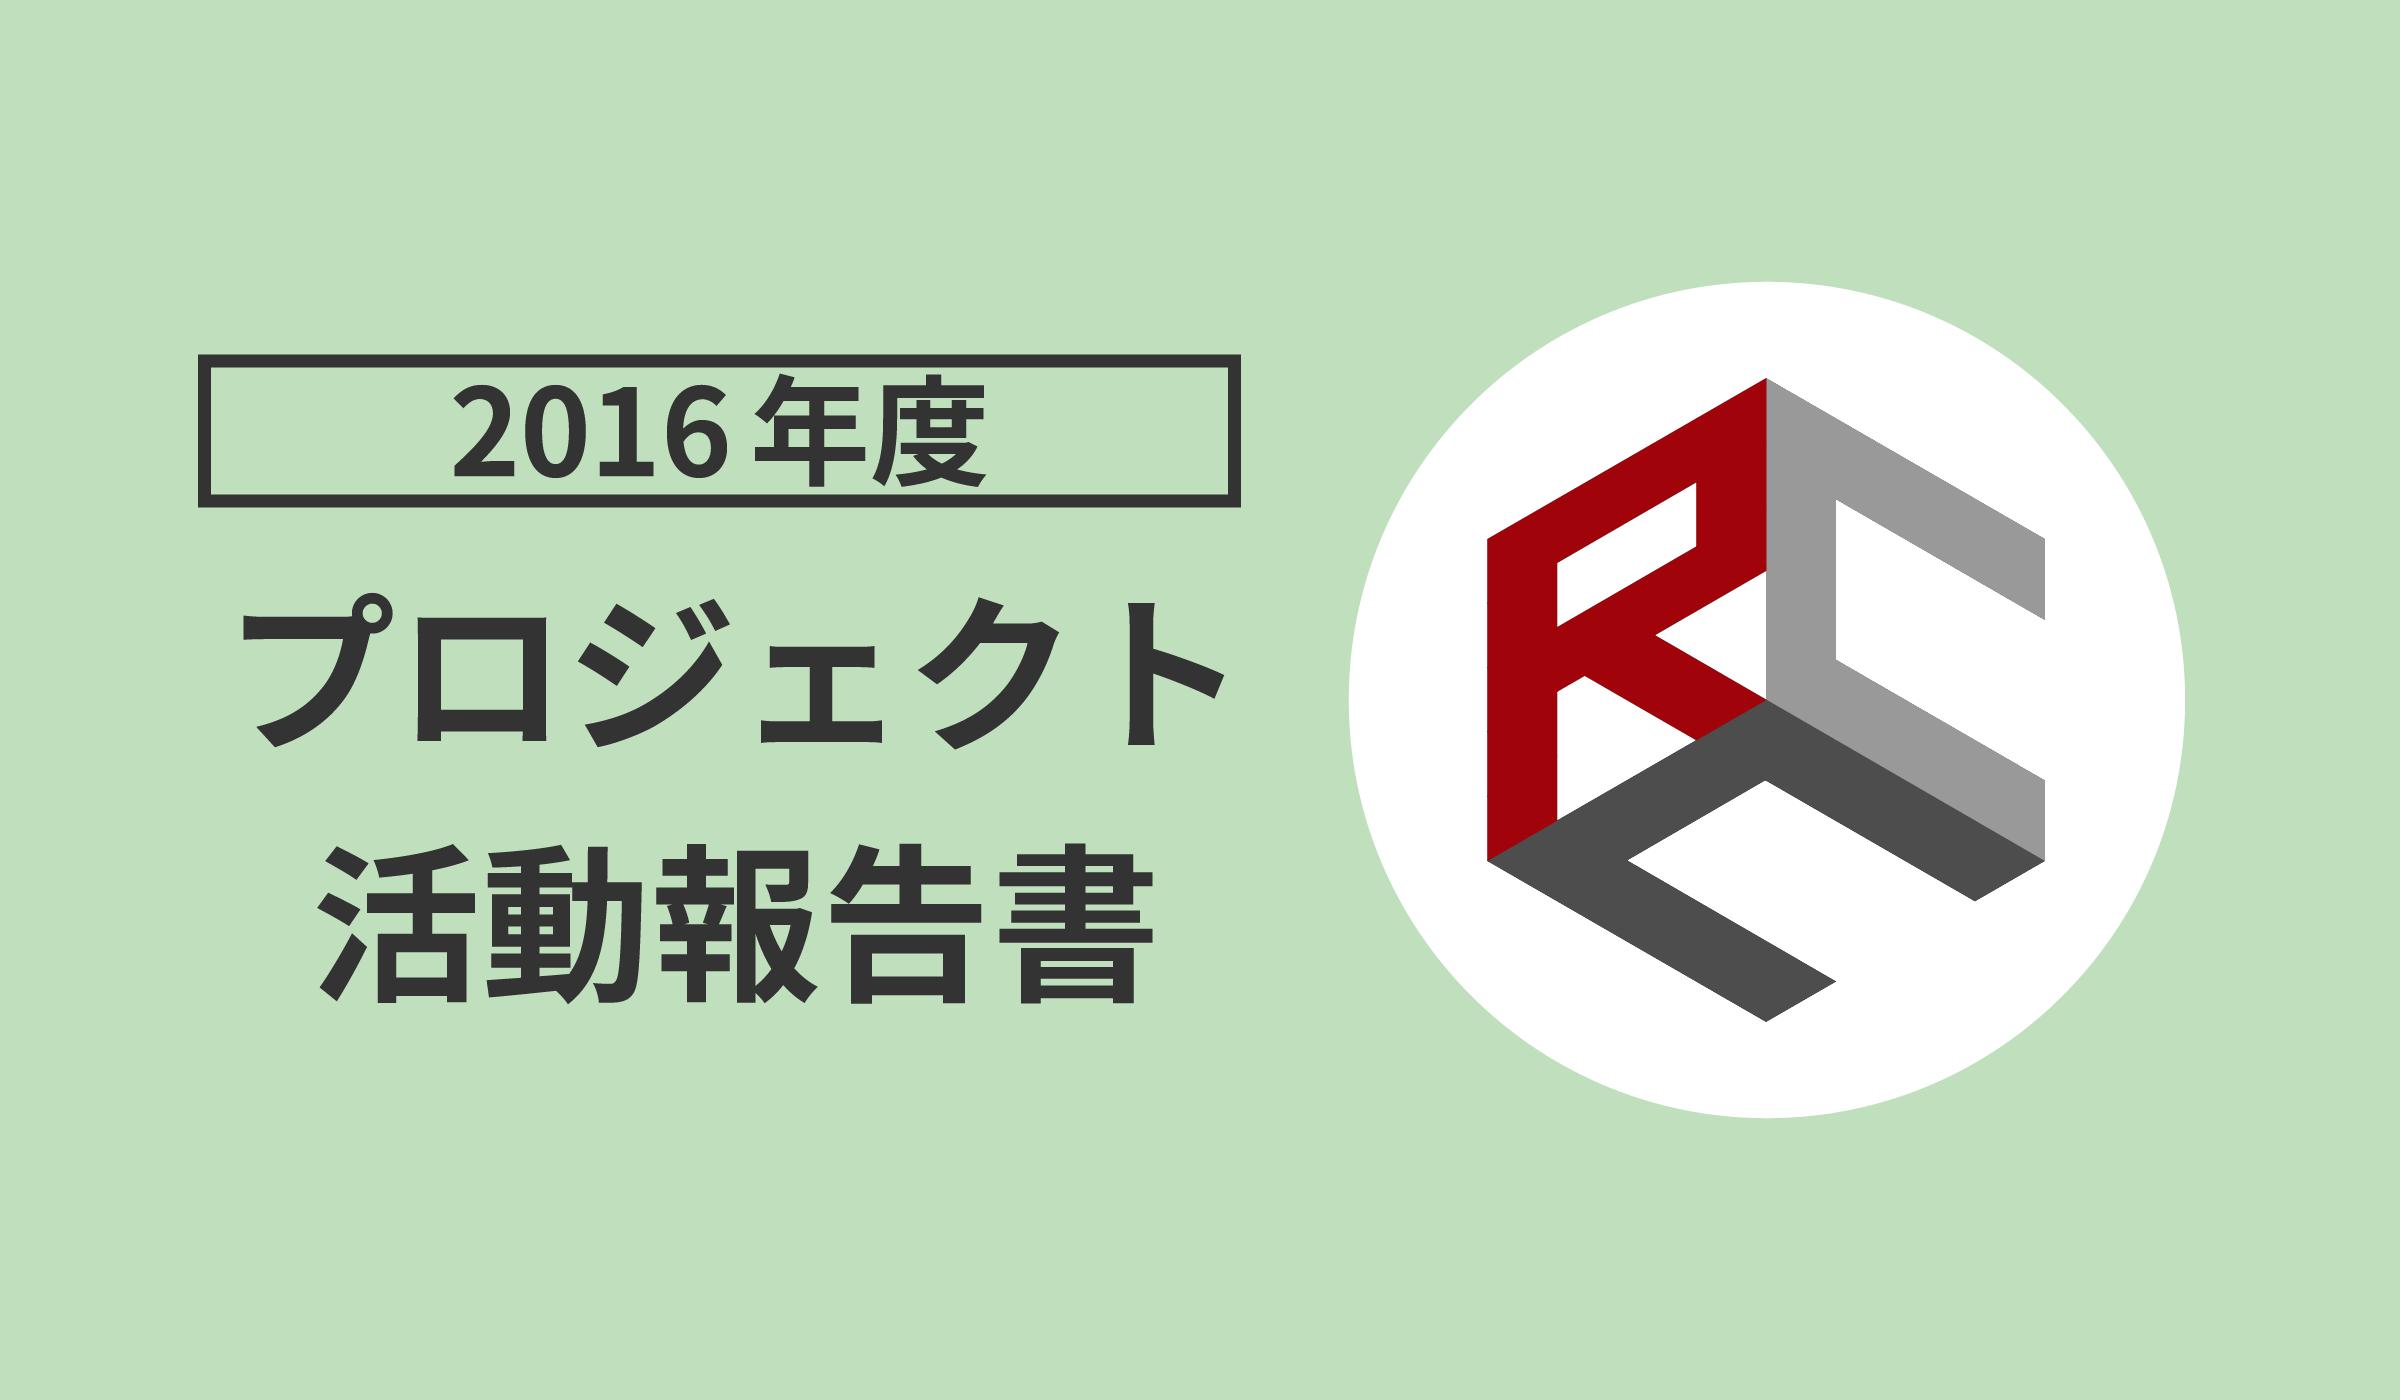 2016年度プロジェクト活動報告書